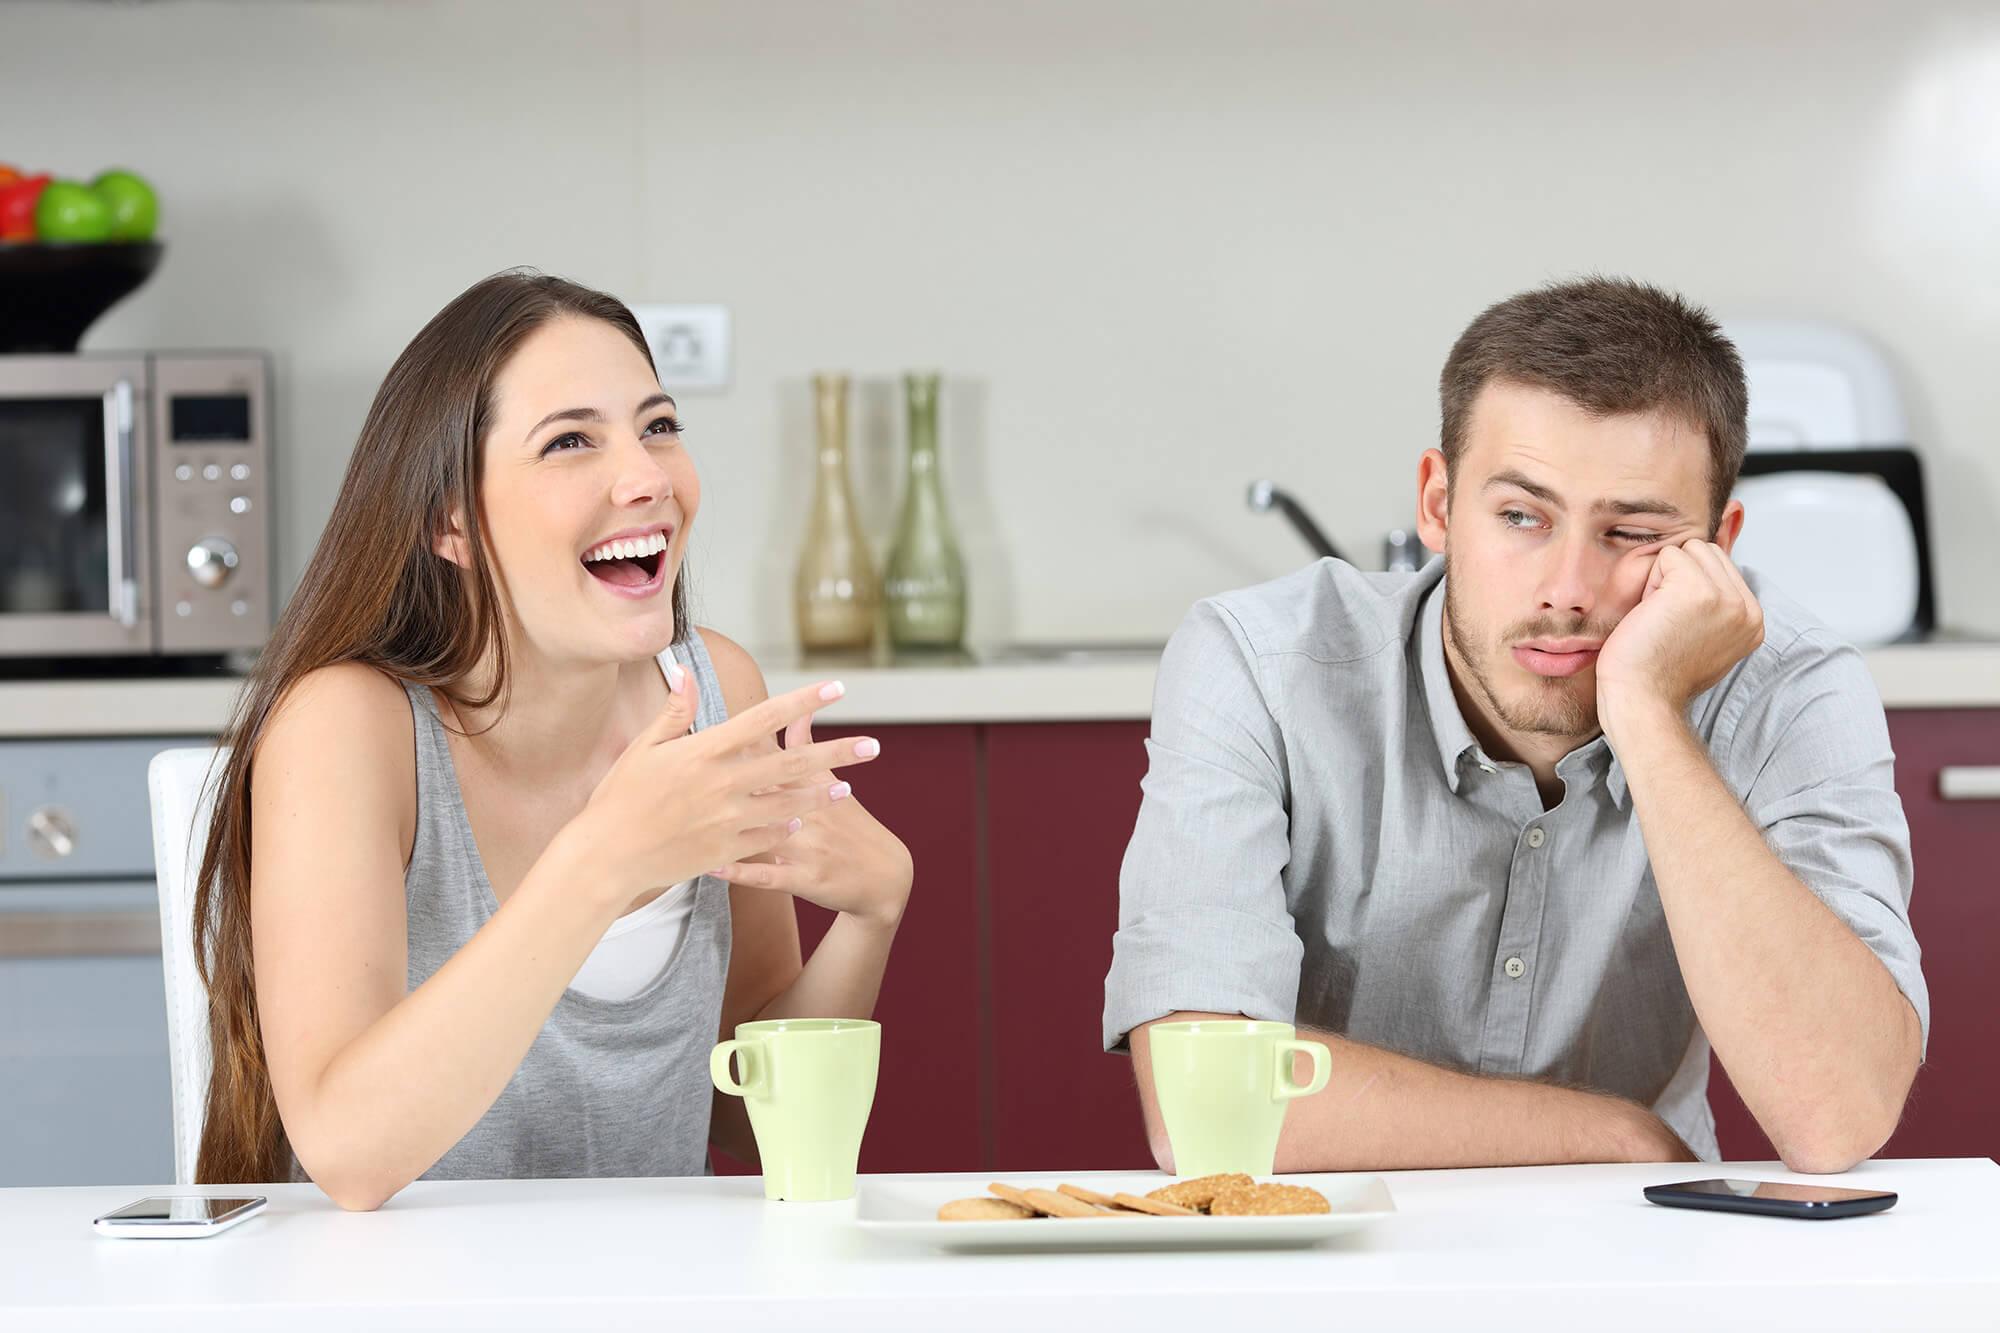 Mann sitzt gelangweilt mit Frau am Tisch